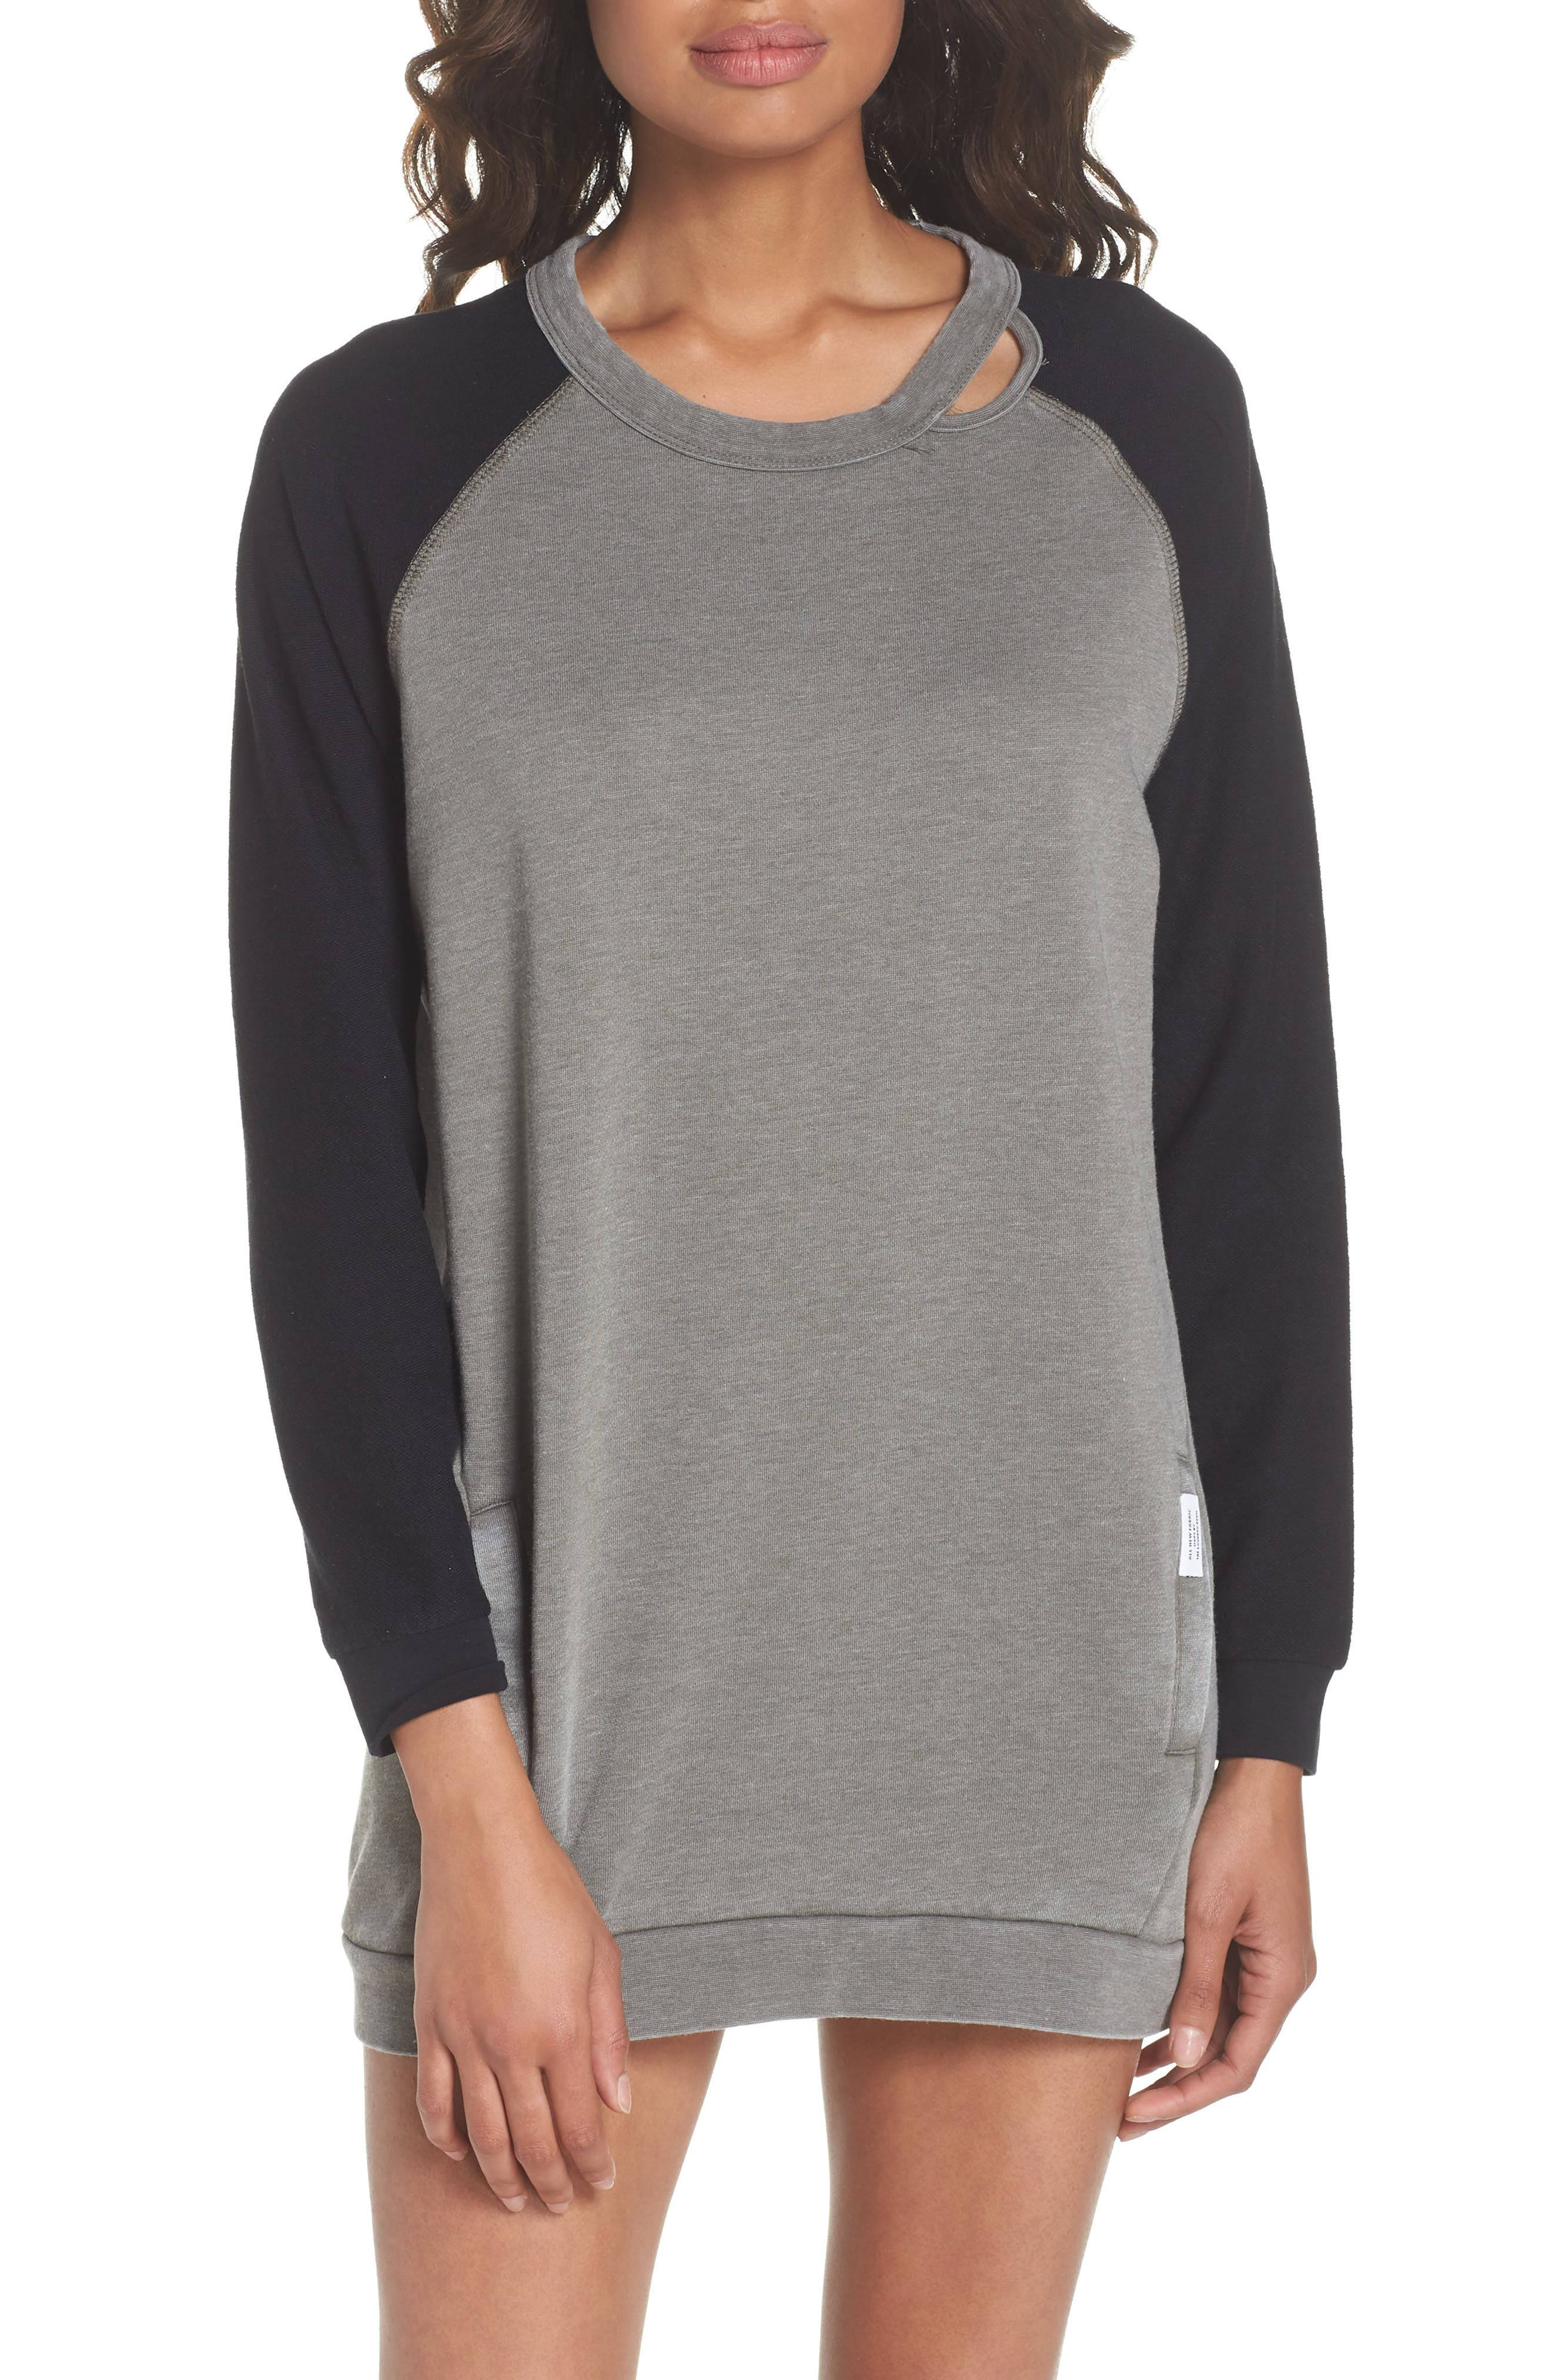 Lounge Sweatshirt Dress,                             Main thumbnail 1, color,                             001